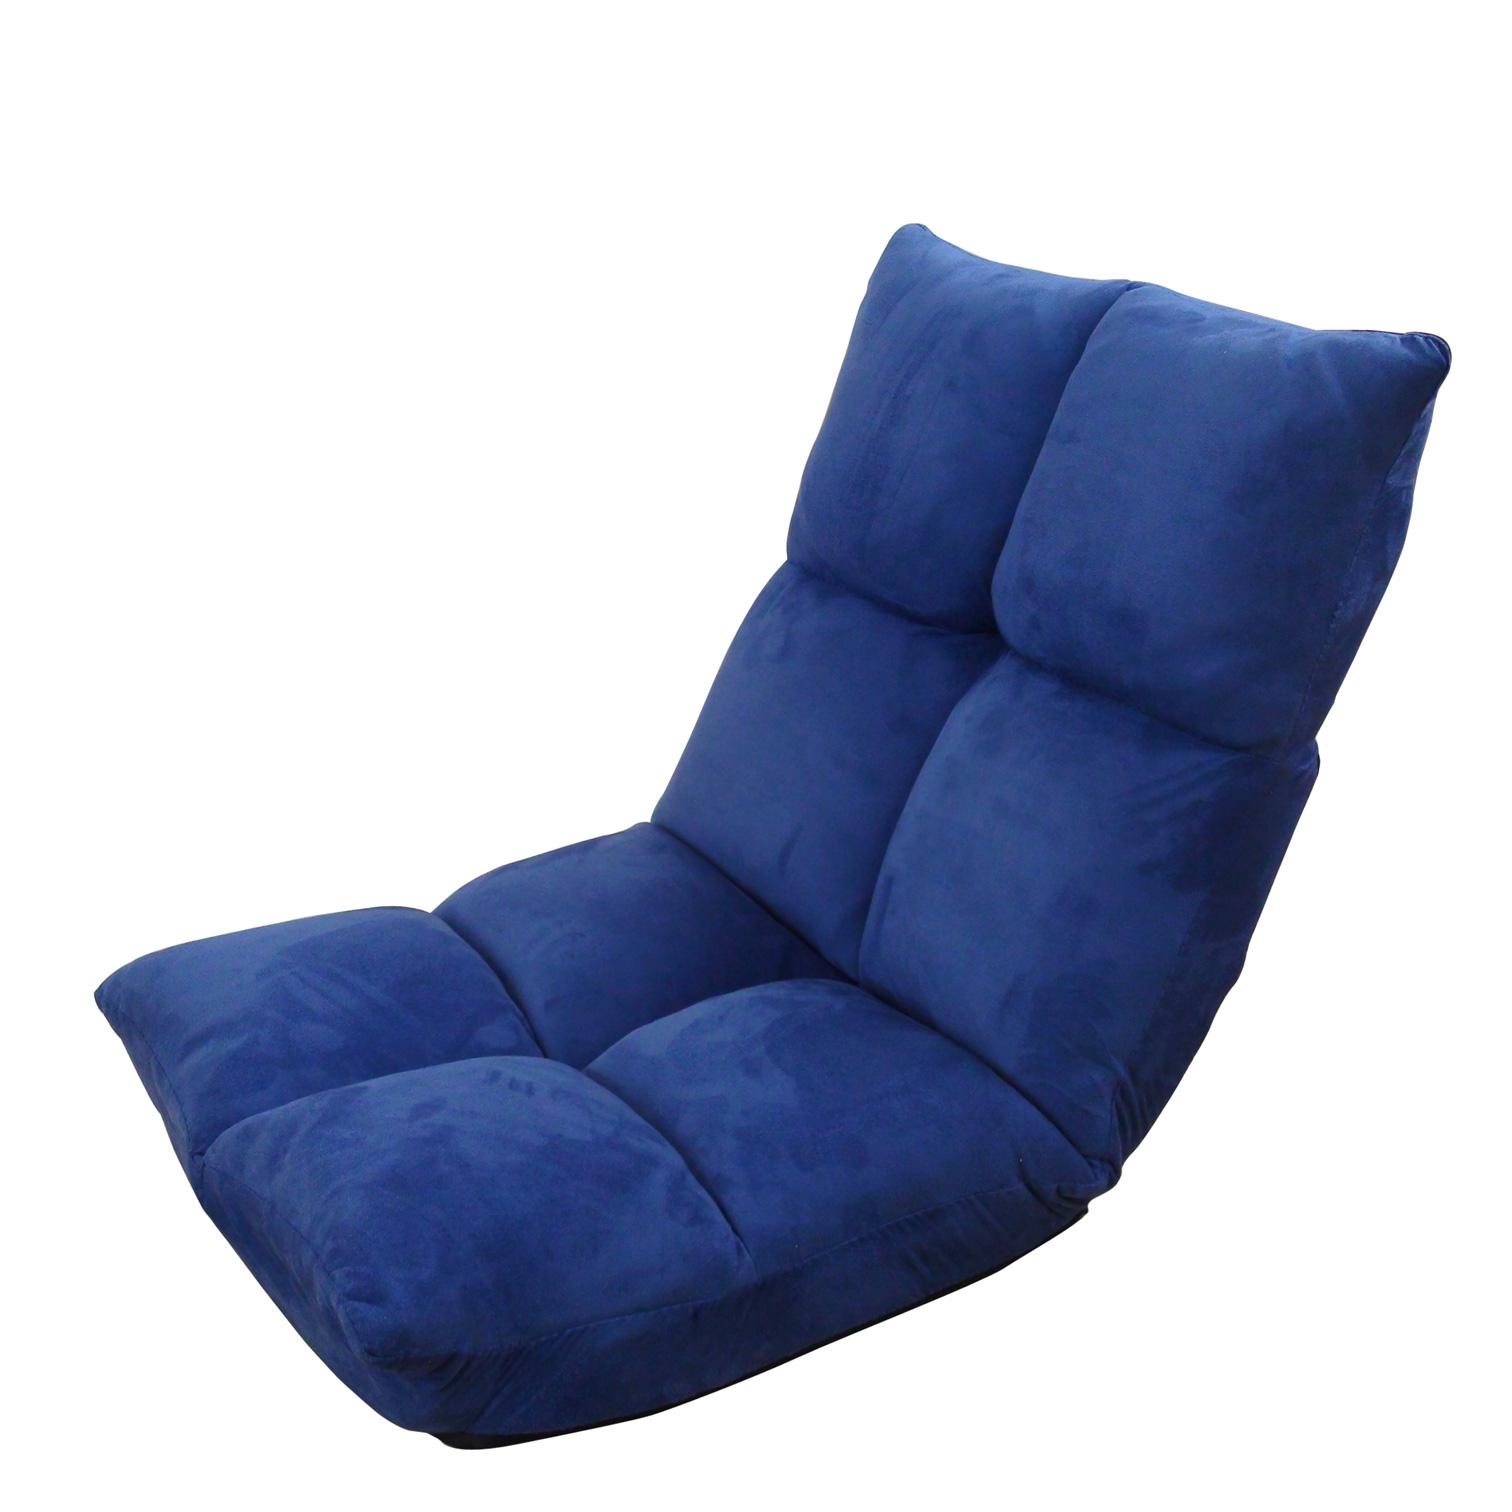 懒人沙发特价 可爱单人